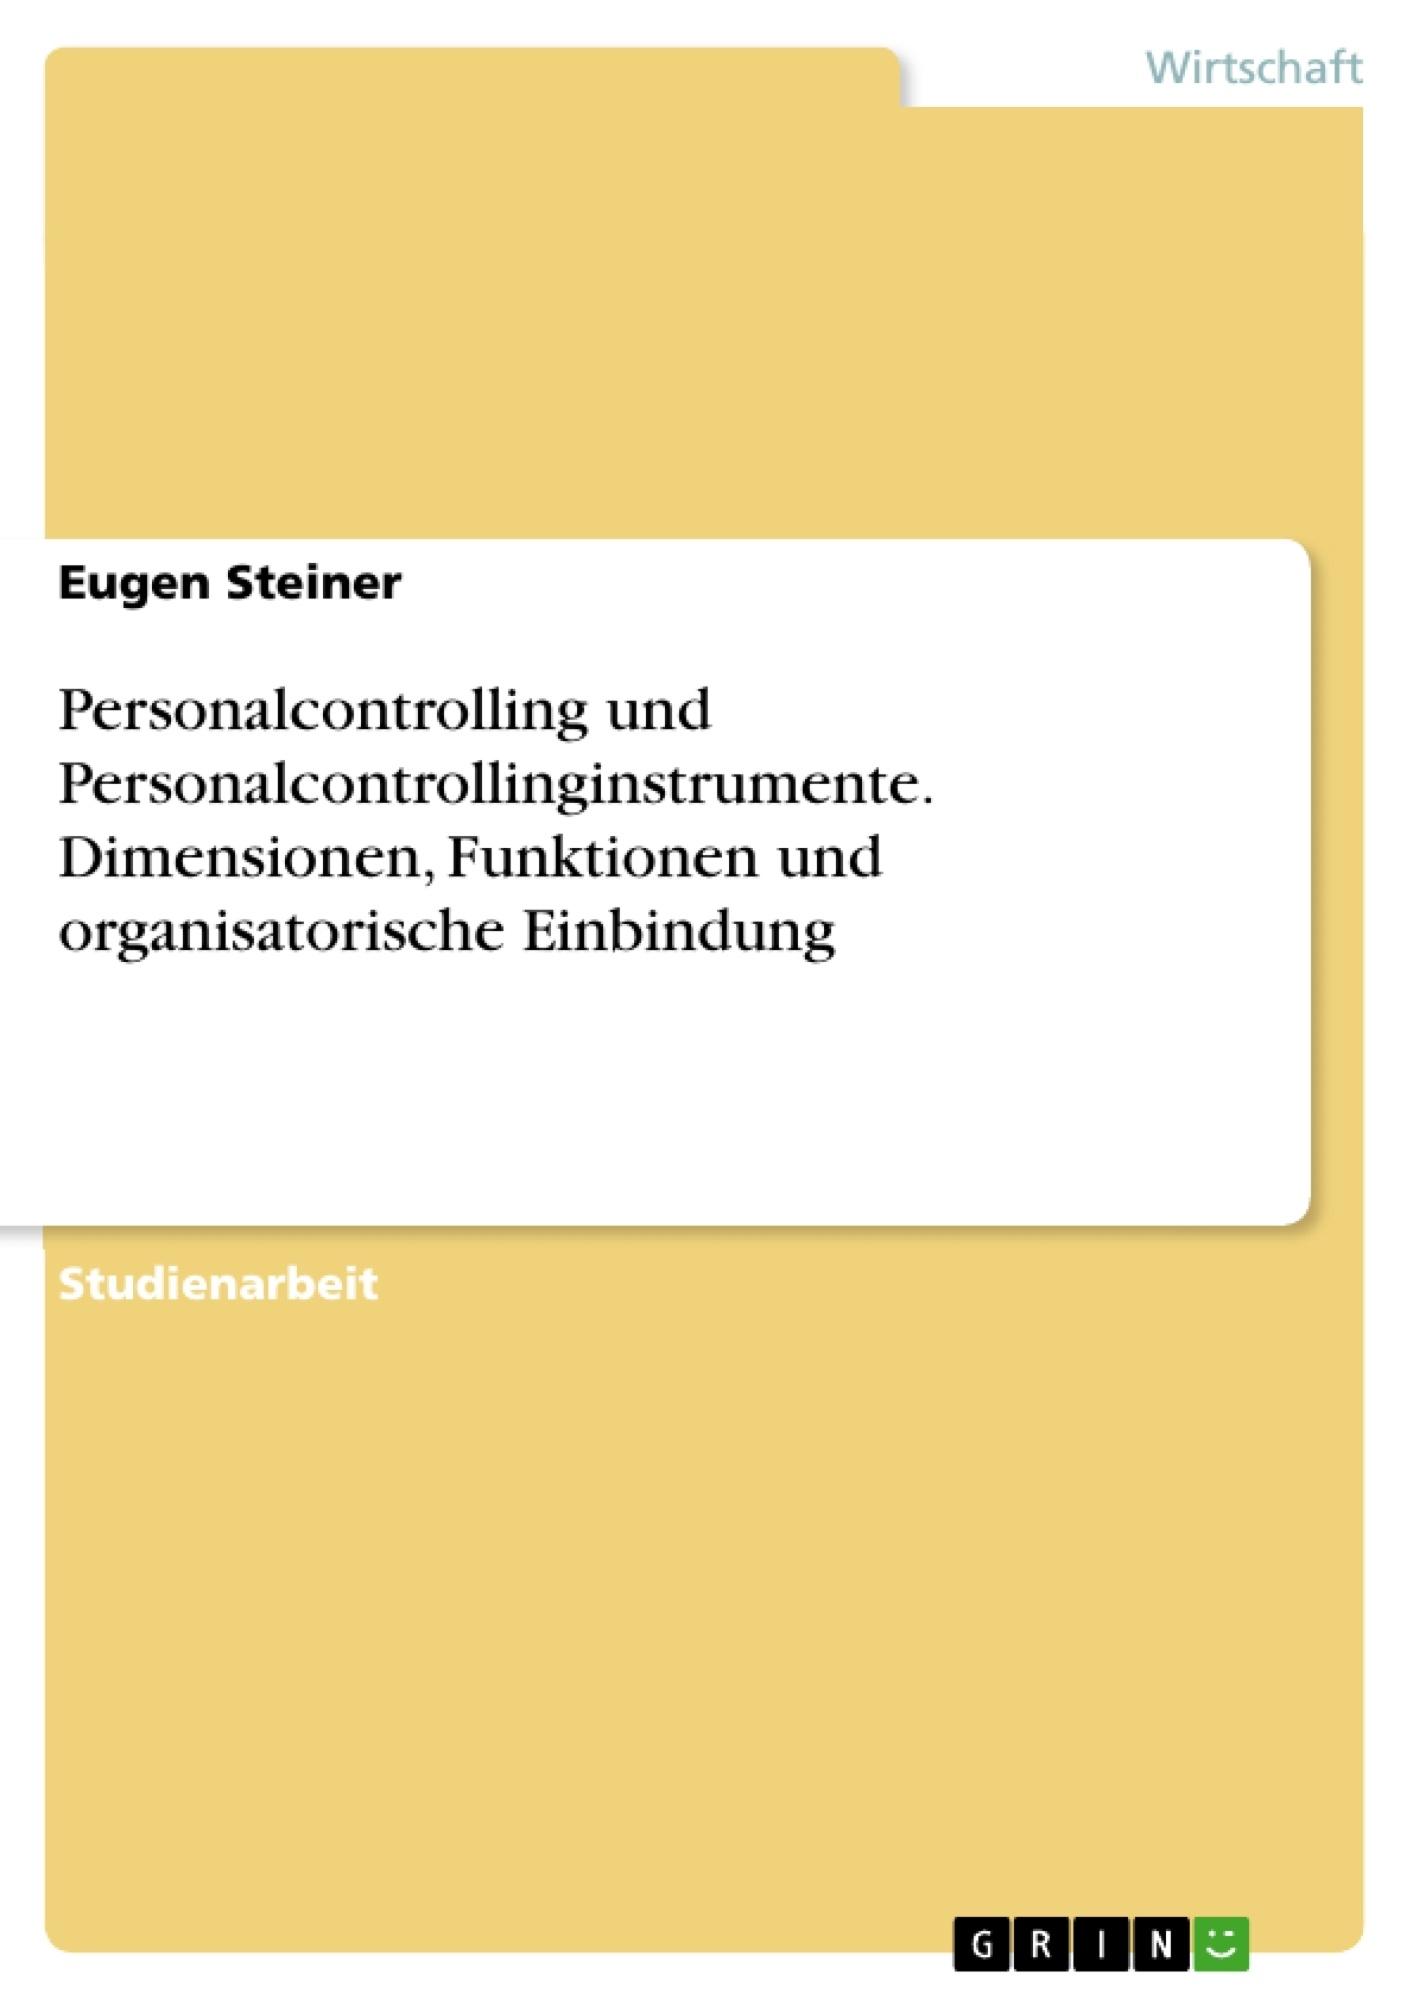 Titel: Personalcontrolling und Personalcontrollinginstrumente. Dimensionen, Funktionen und organisatorische Einbindung